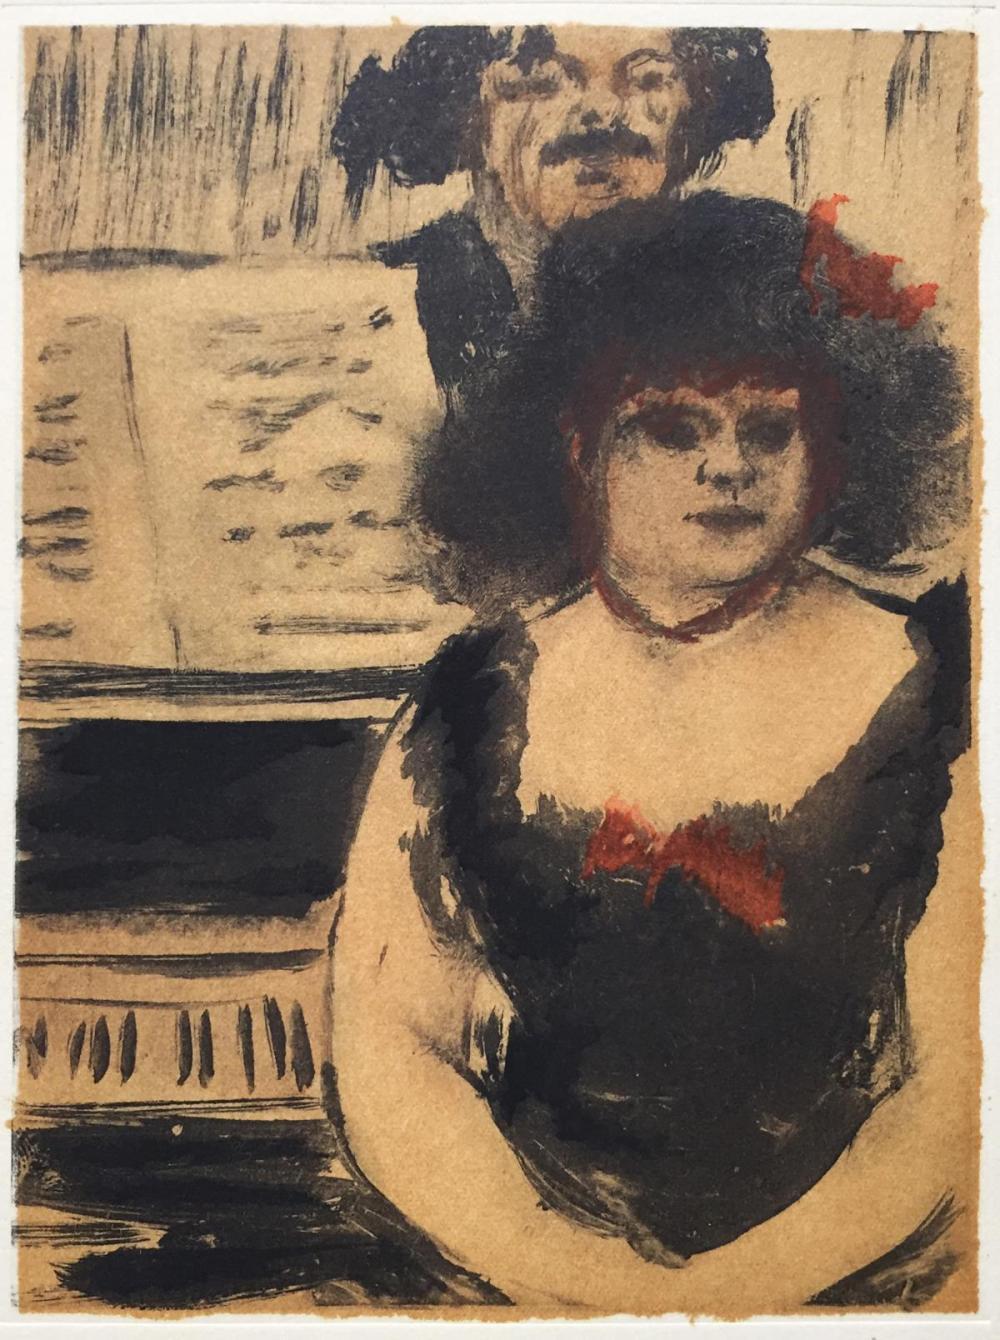 Edgar Degas (After) - La Pianiste el le Chanteur